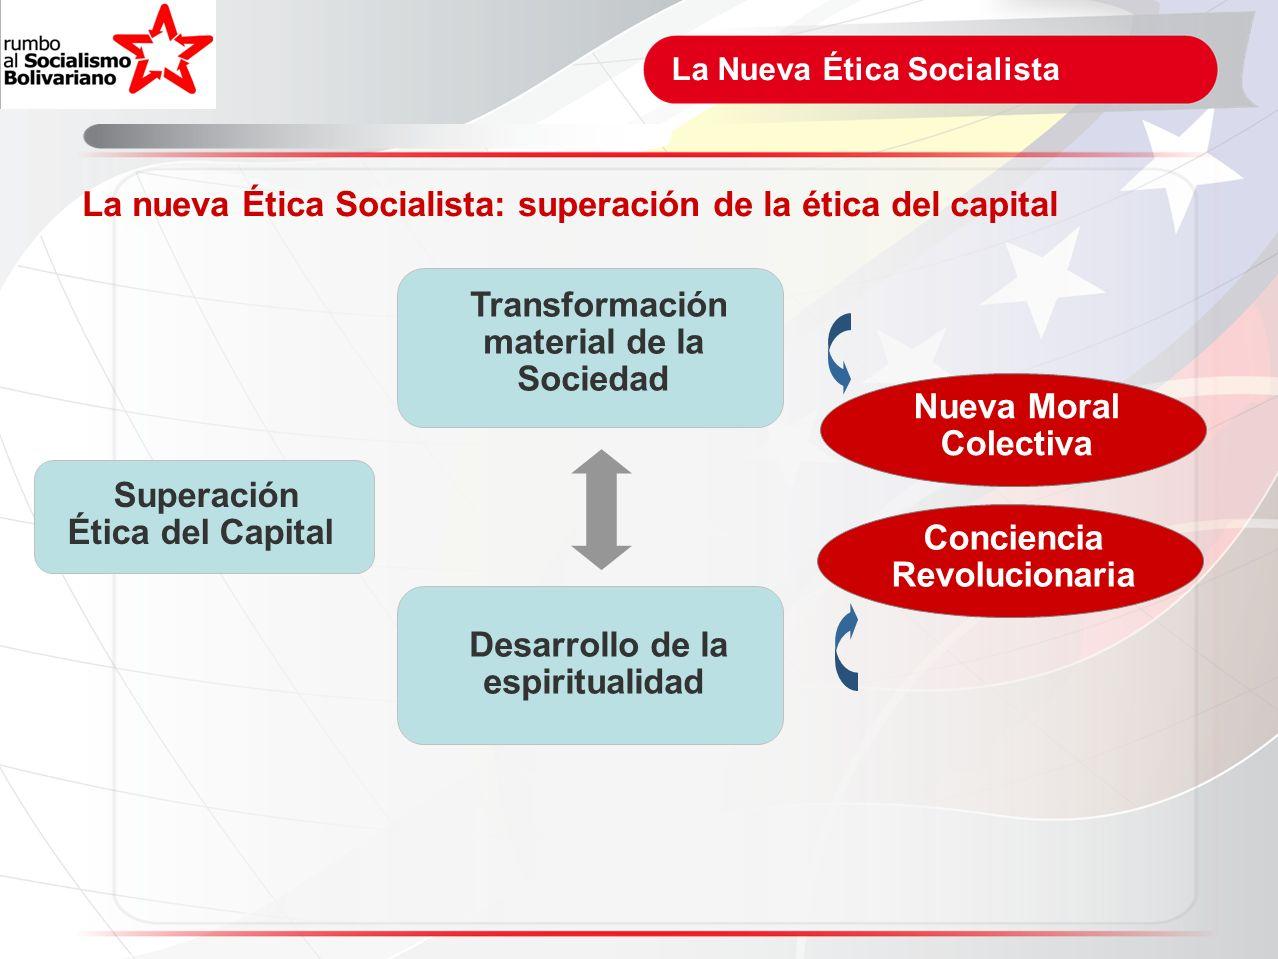 La Nueva Ética Socialista Desafíos de la Nueva Ética Socialista Superación de la Miseria Nueva ética del hecho público Civilidad Institucionalidad Tolerancia activa militante